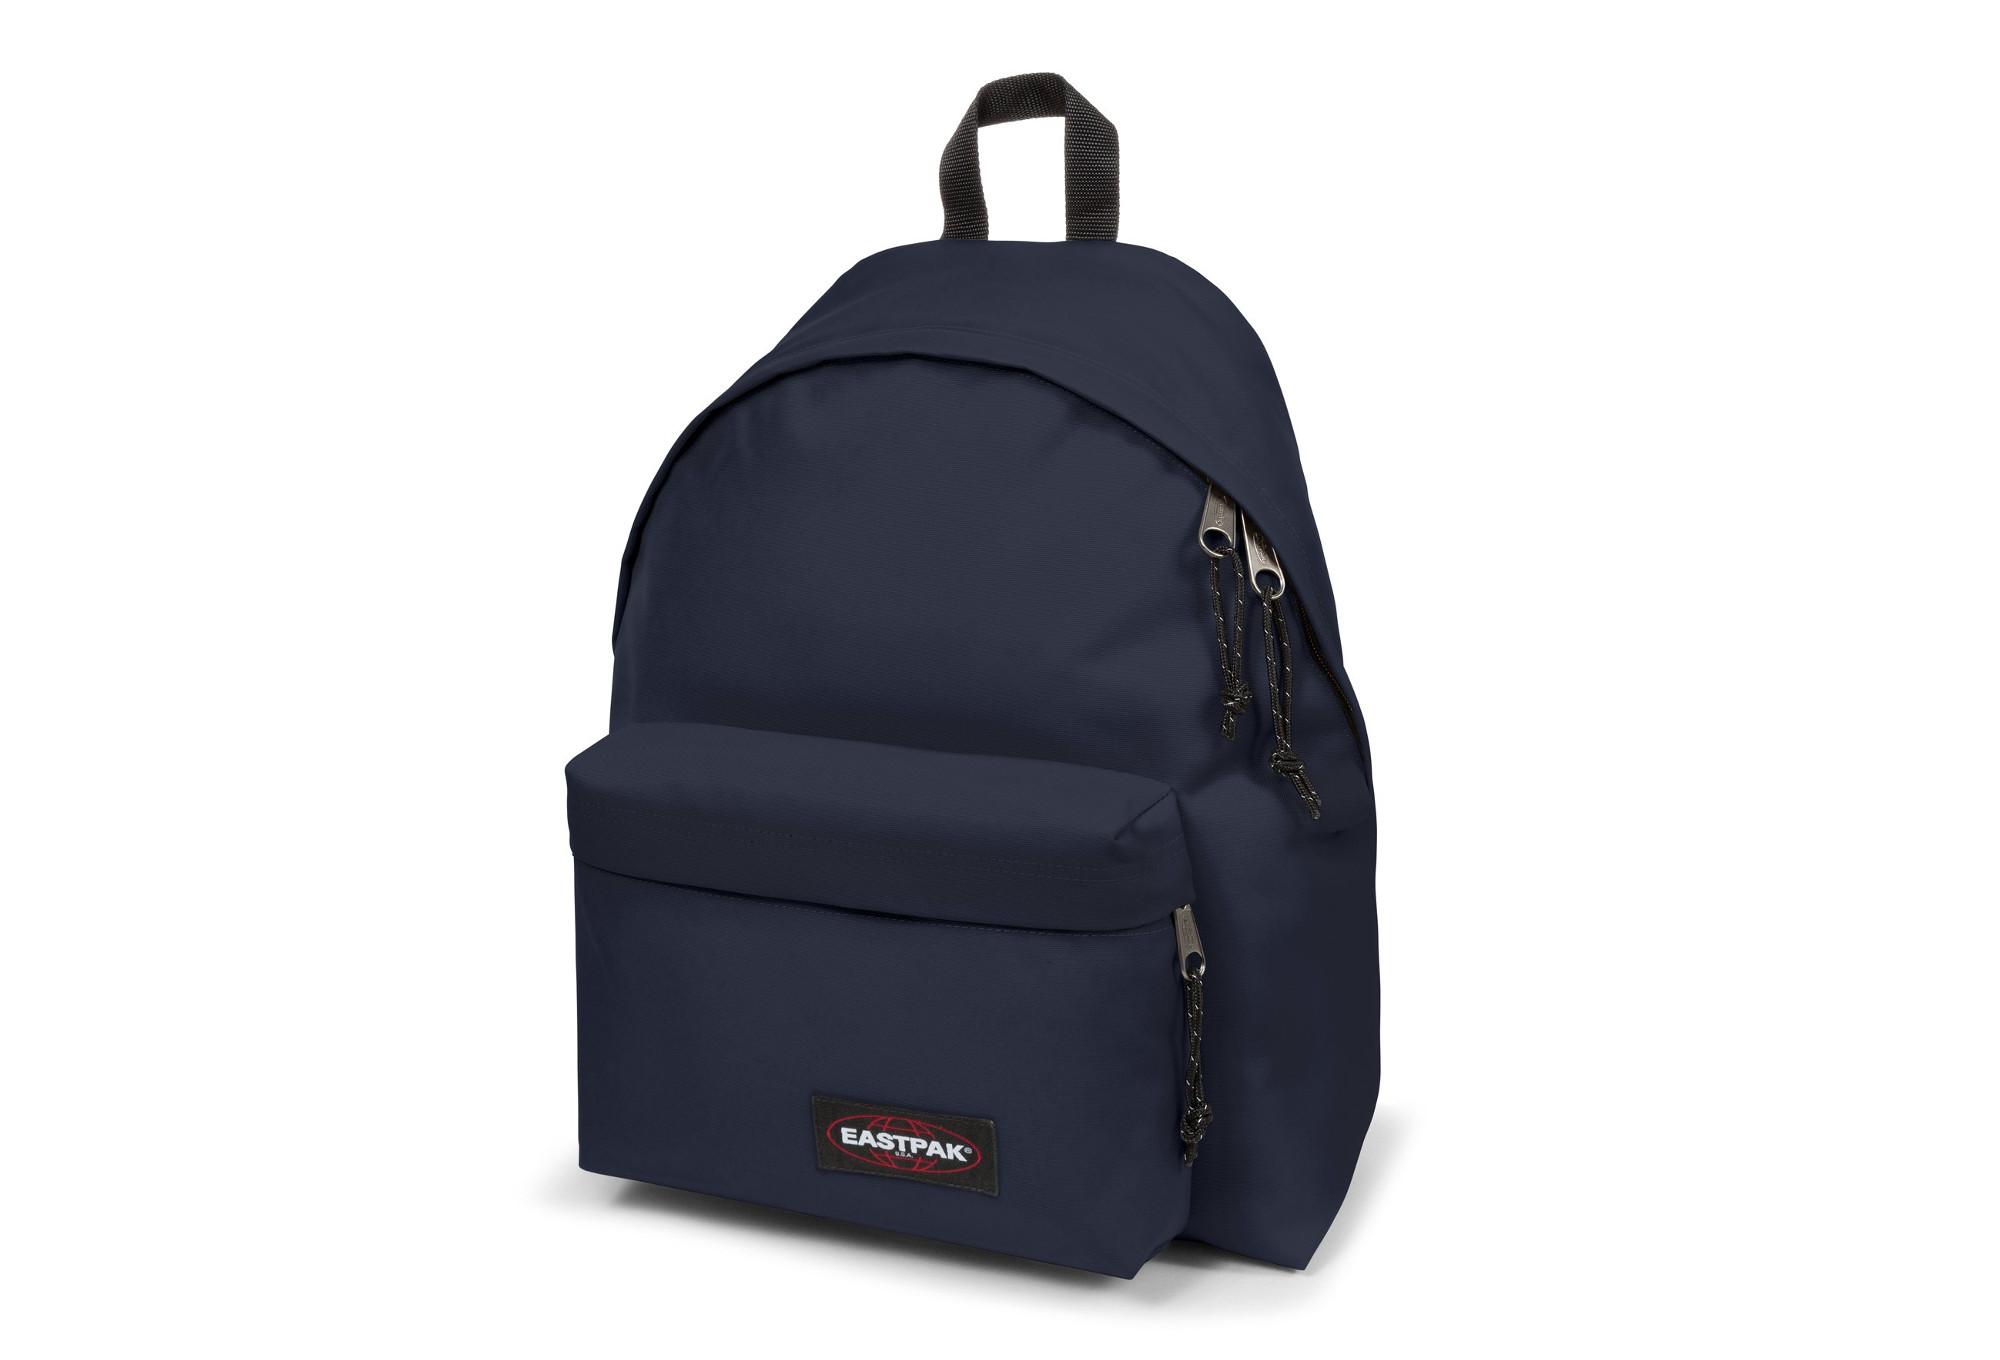 eastpak padded pak r traditional navy backpack. Black Bedroom Furniture Sets. Home Design Ideas